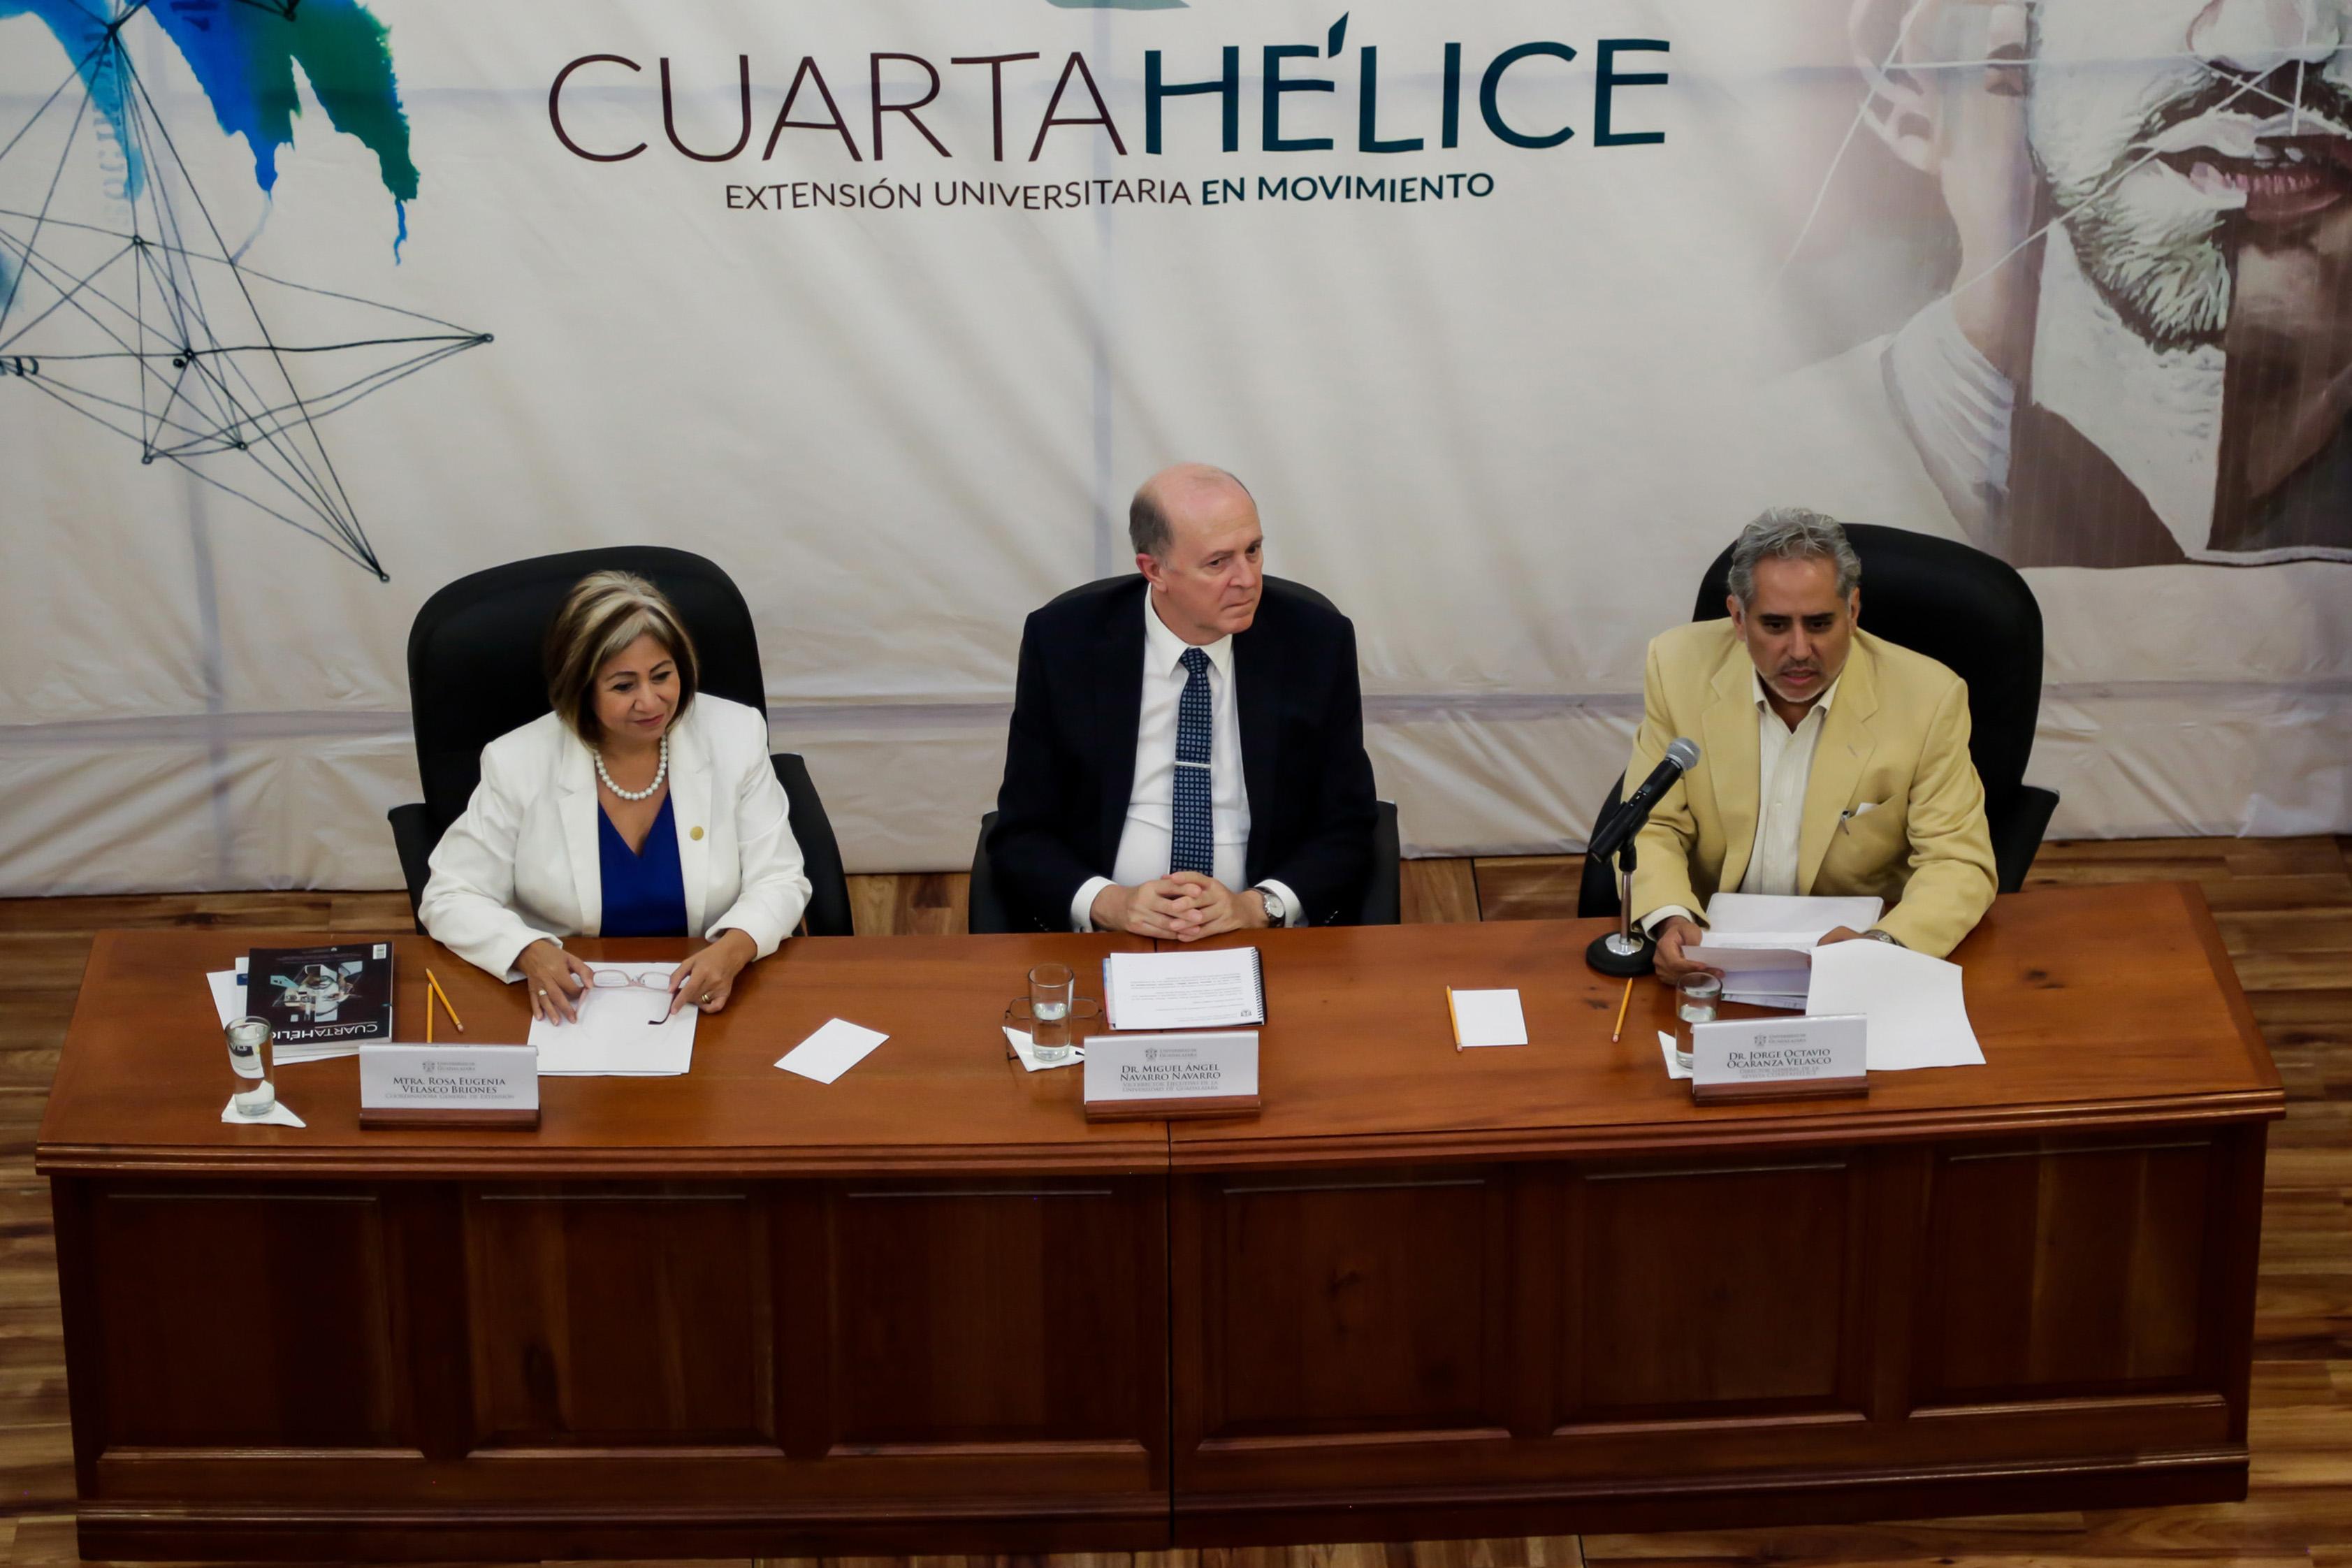 Director de Cuarta Hélice, doctor Jorge Octavio Ocaranza, haciendo uso de la palabra en la presentación de la Revista